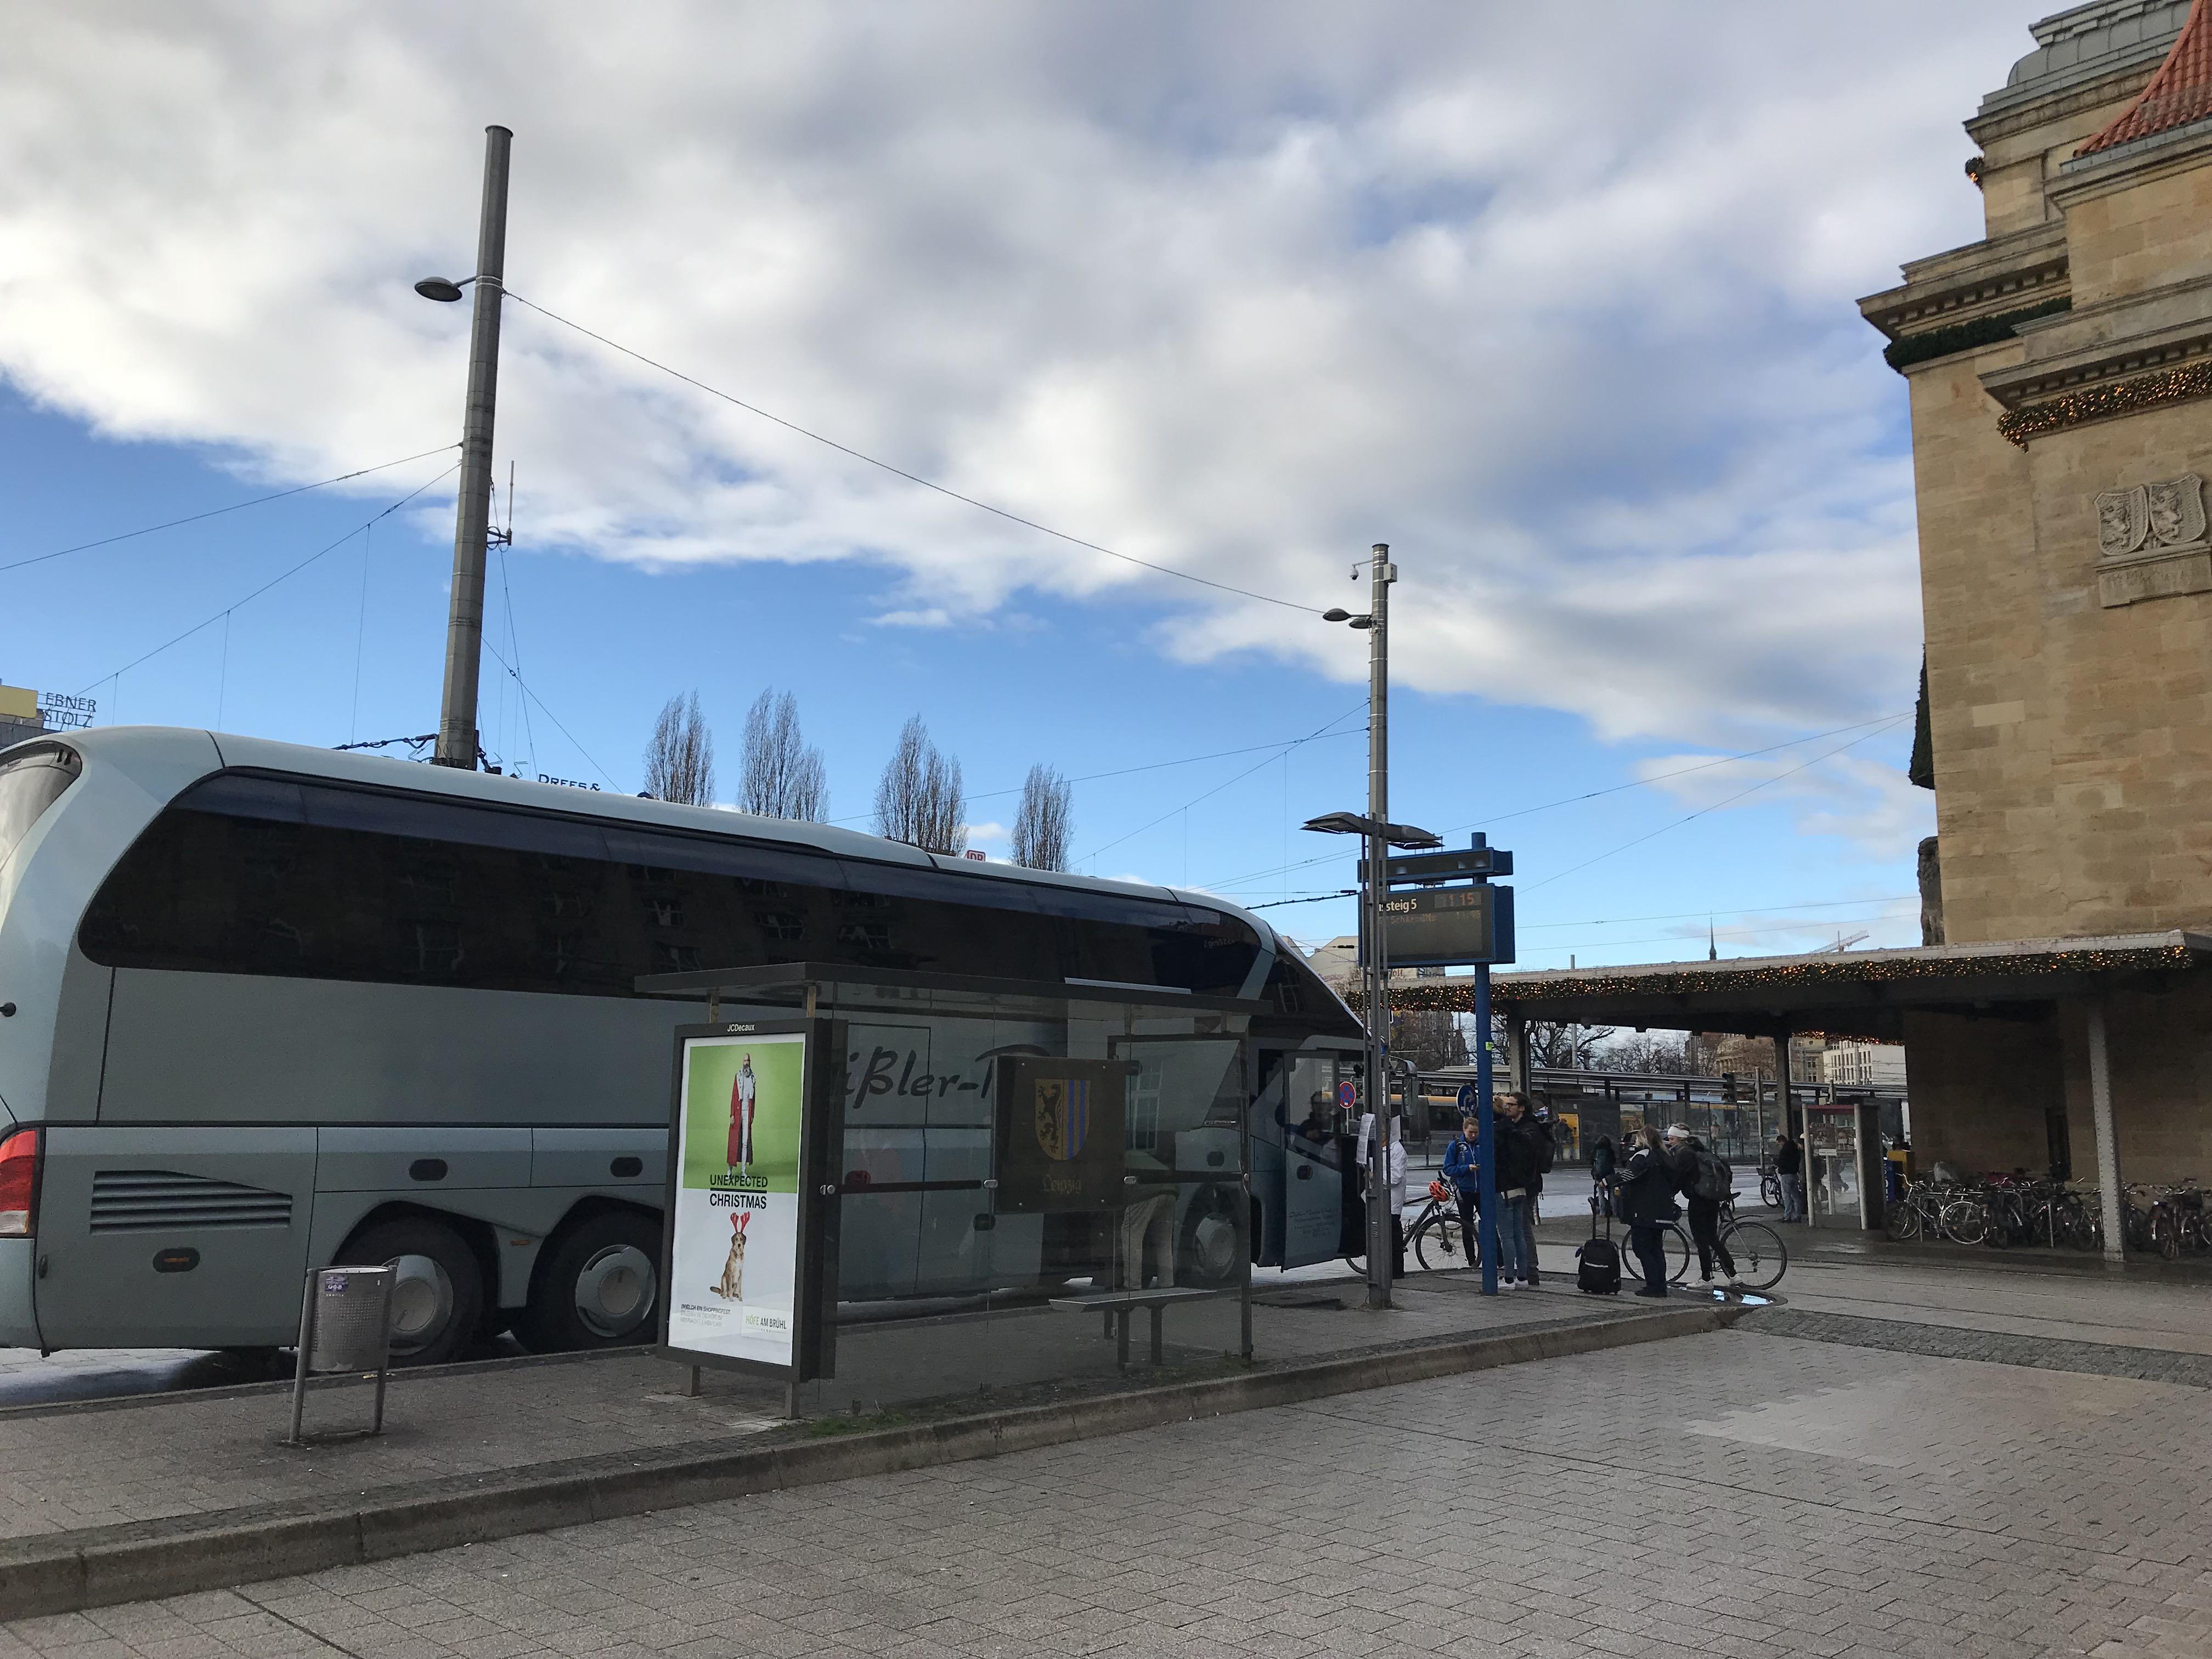 ライプツィヒバスターミナル